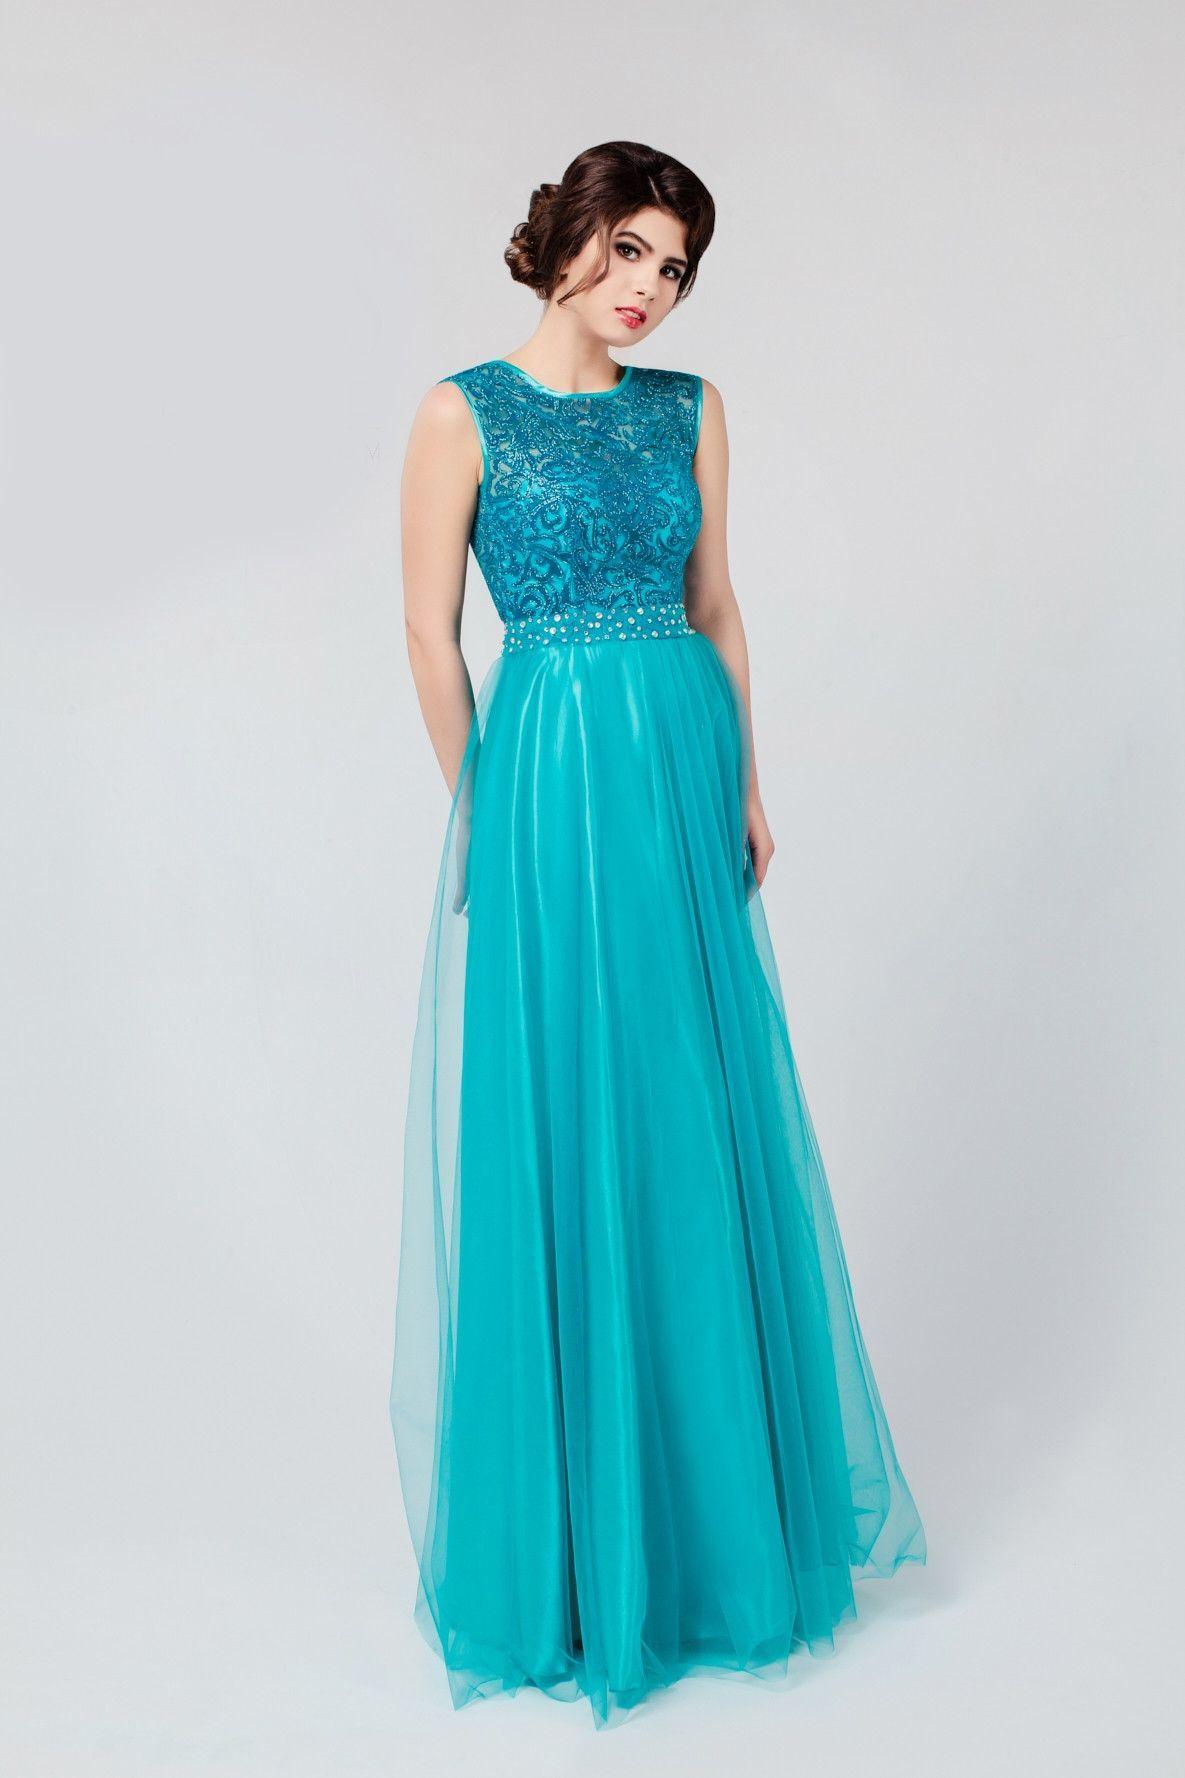 Lace Long V Back Tulle Bridesmaid Dress | Lace bodice, Long ...